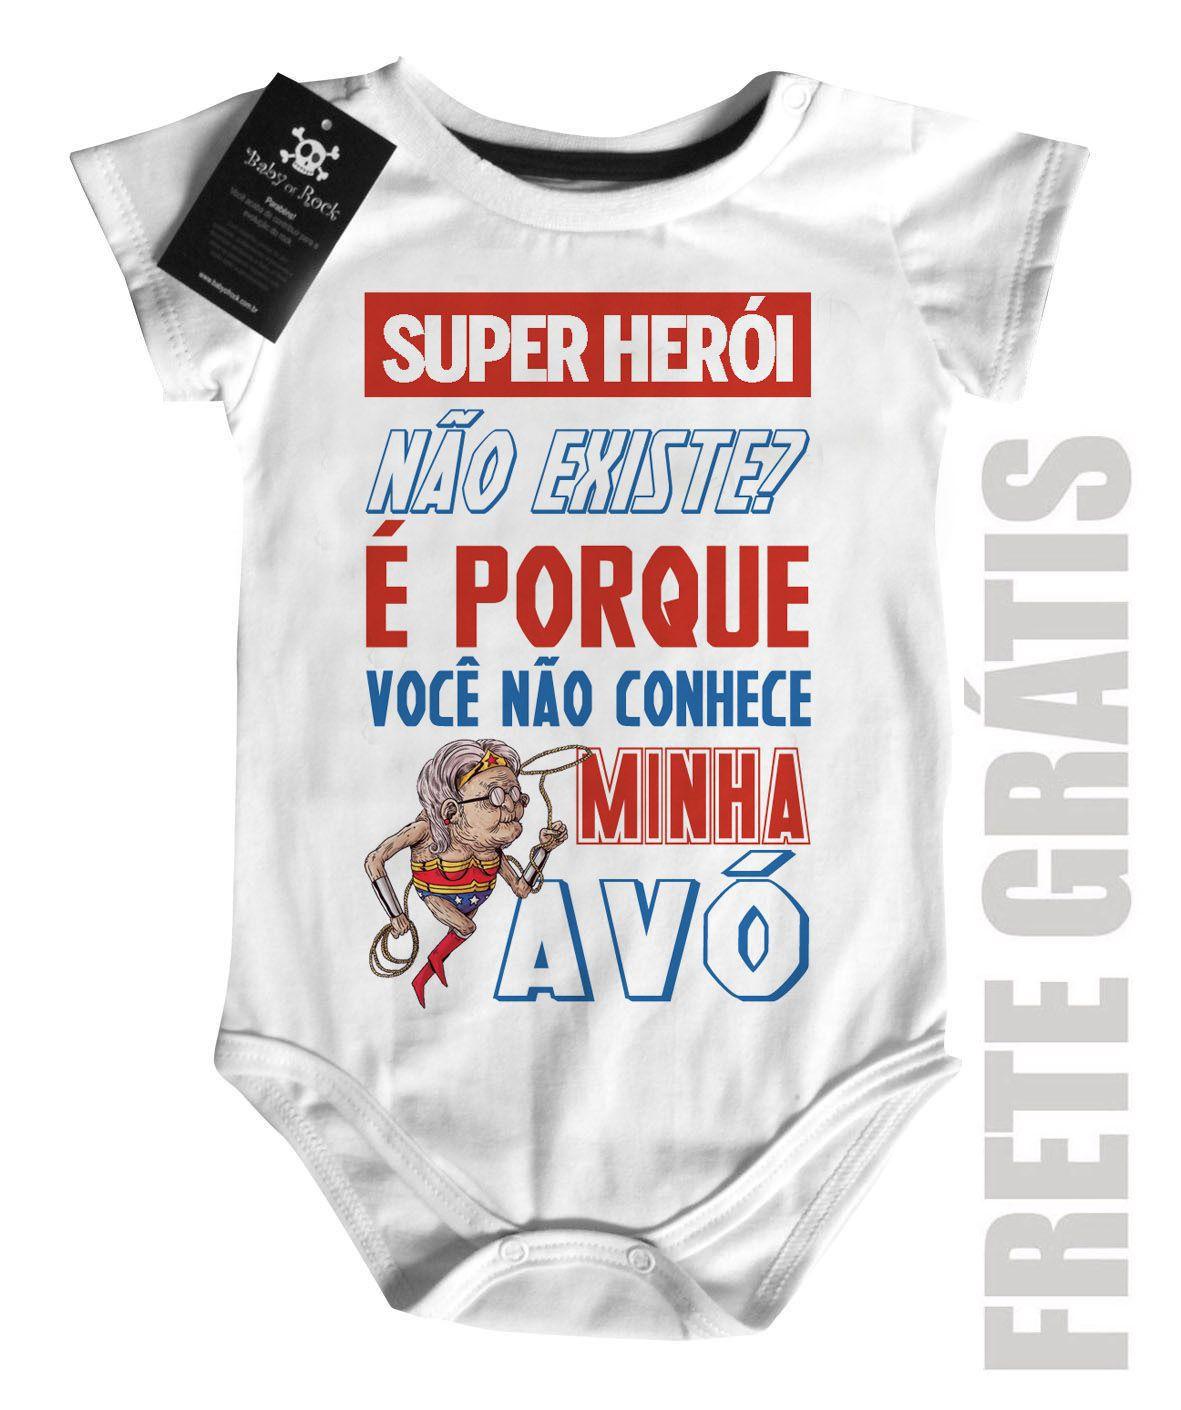 Body Baby Rock - Herói não existe? Vovó - White  - Baby Monster S/A